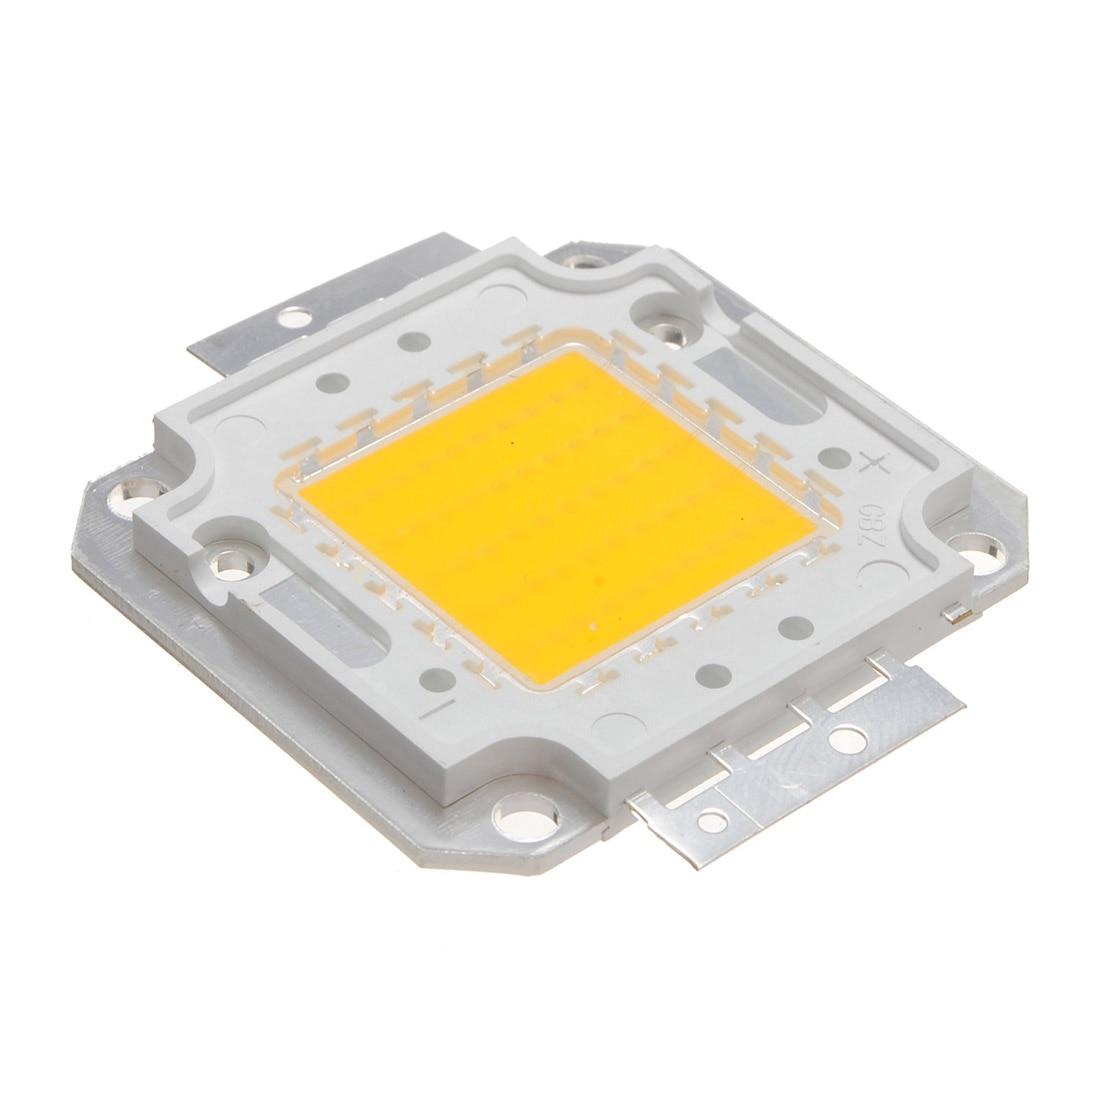 Светодиодный чип высокой мощности, 50 Вт, 4000LM, супер яркий COB точечный светодиодный светильник, чипы, Чистый/теплый белый 2 вида цветов